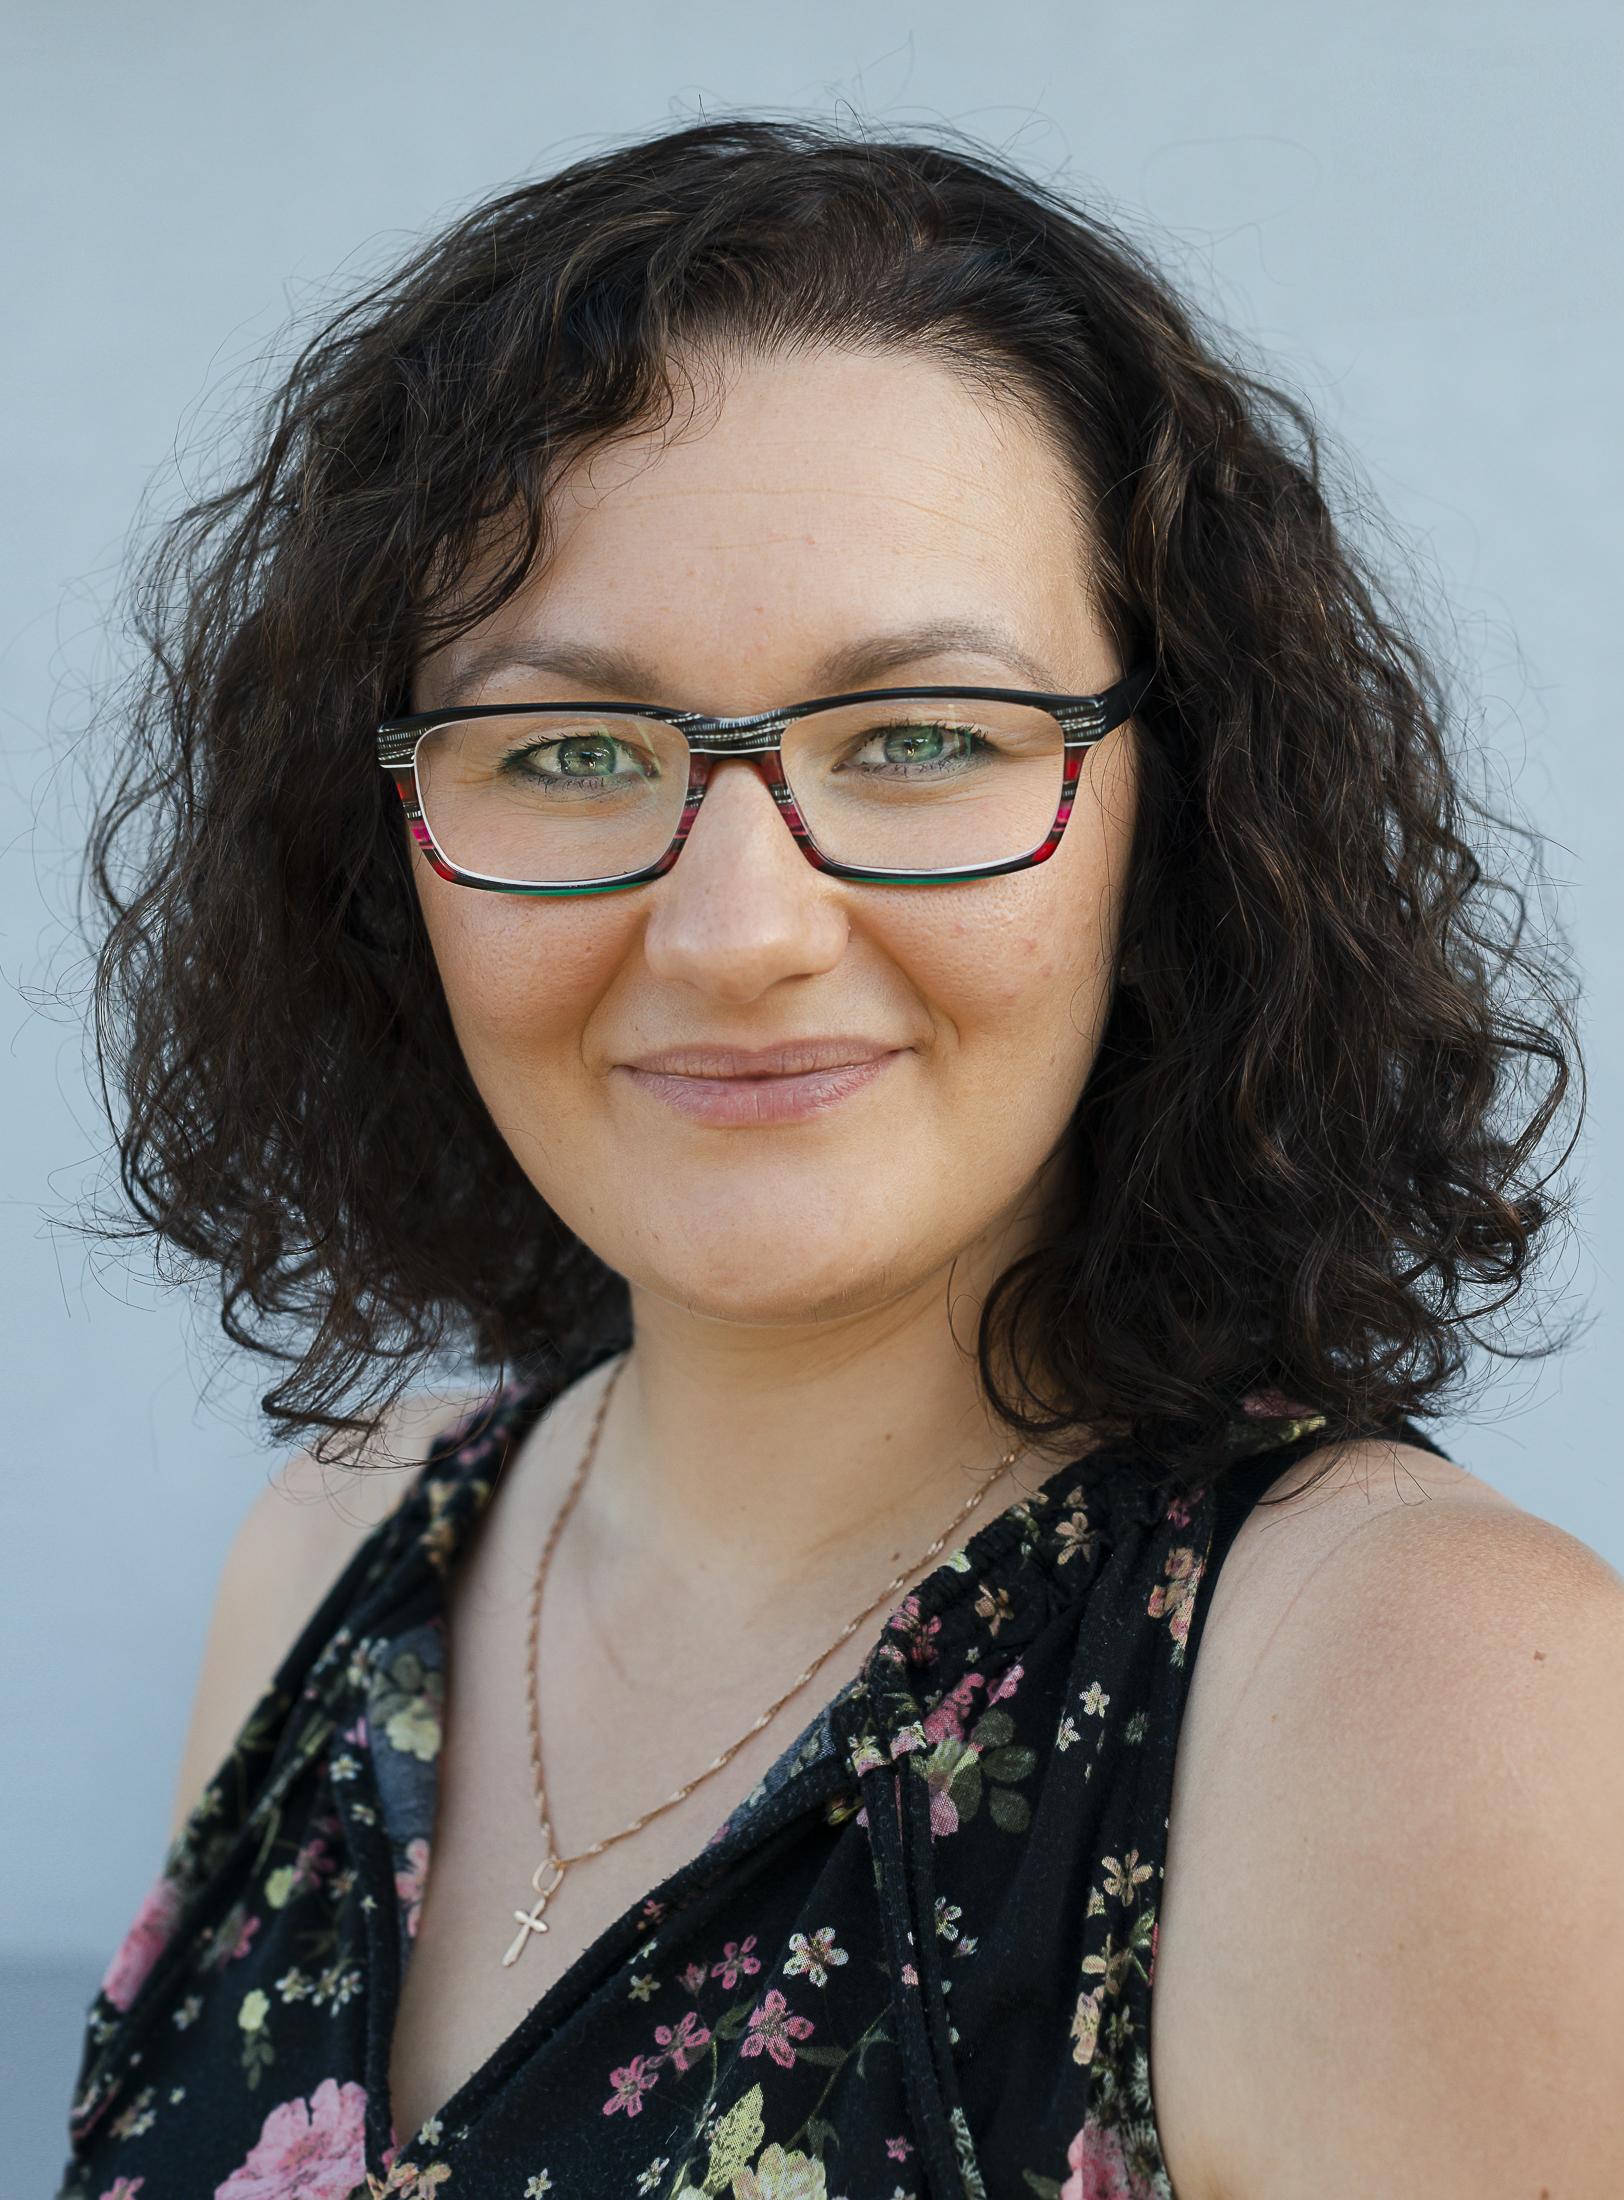 Frau Gemeindediakonin Elvira Leskowitsch